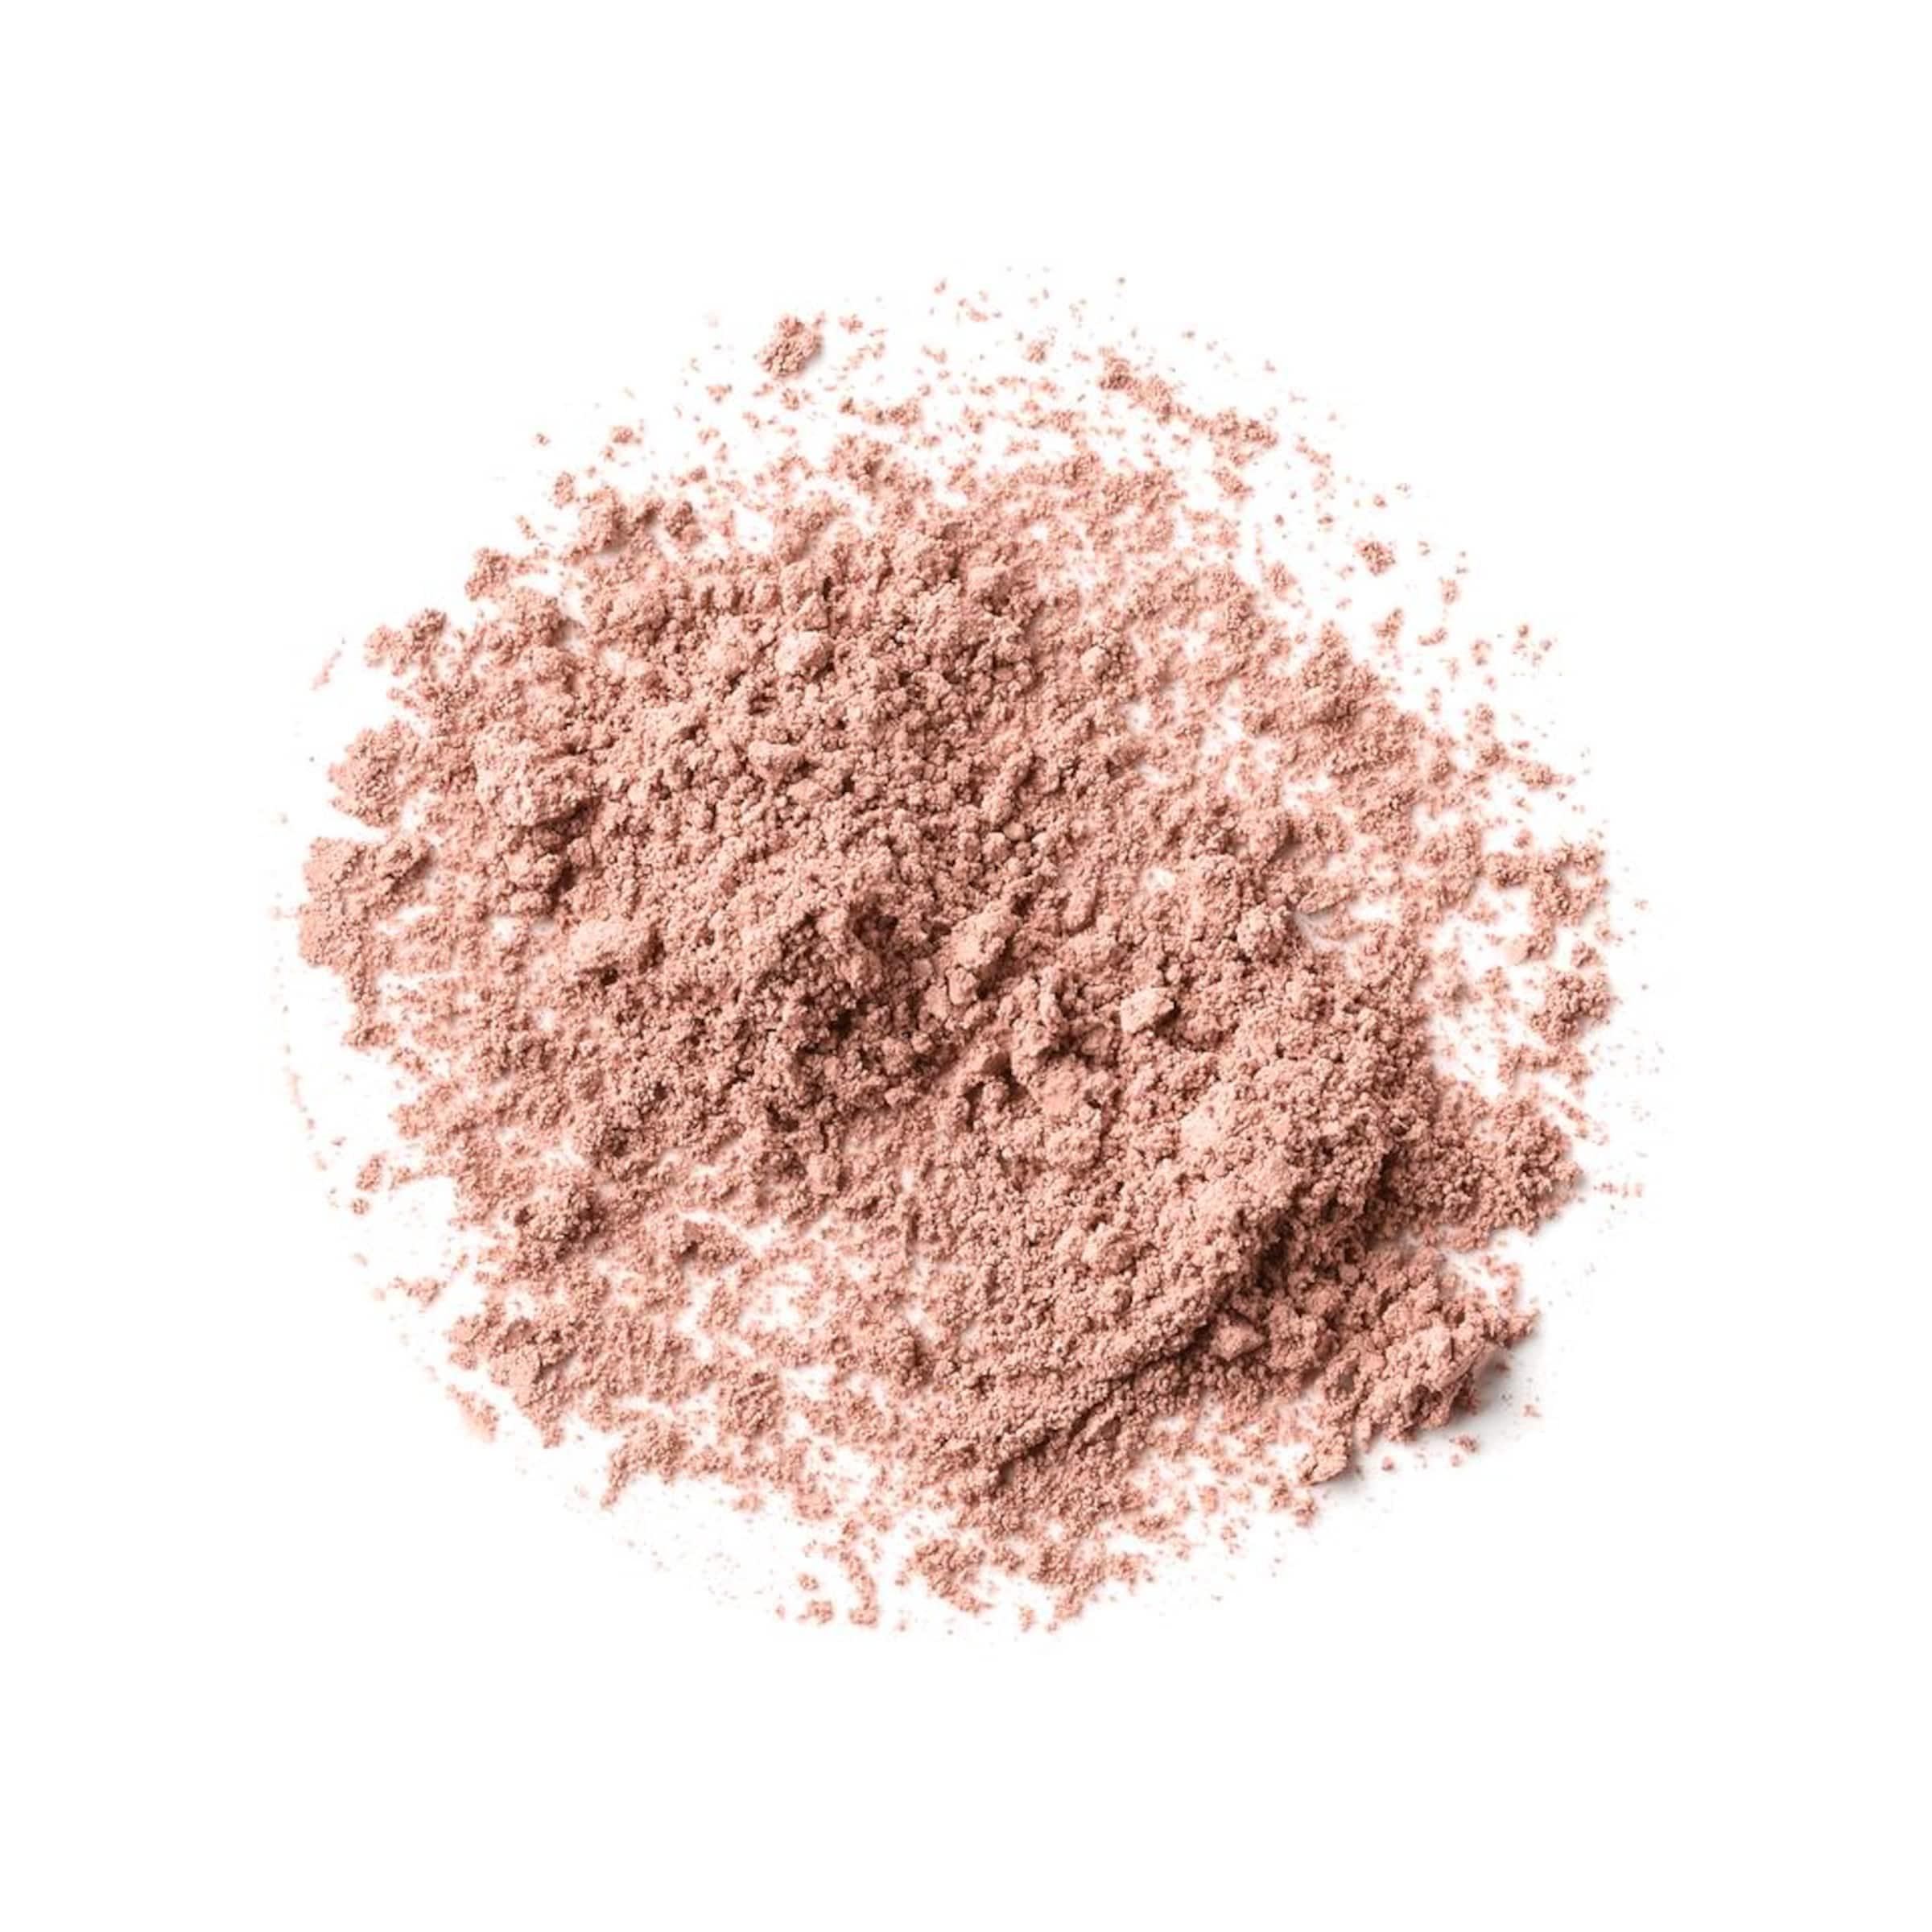 L'Oréal Paris 'Perfect Match Minerals Puder' Make-up Günstige Kaufladen Billig Kaufen Authentisch Spielraum Niedrigsten Preis Auslass Ausgezeichnet Tolle AXR4jm